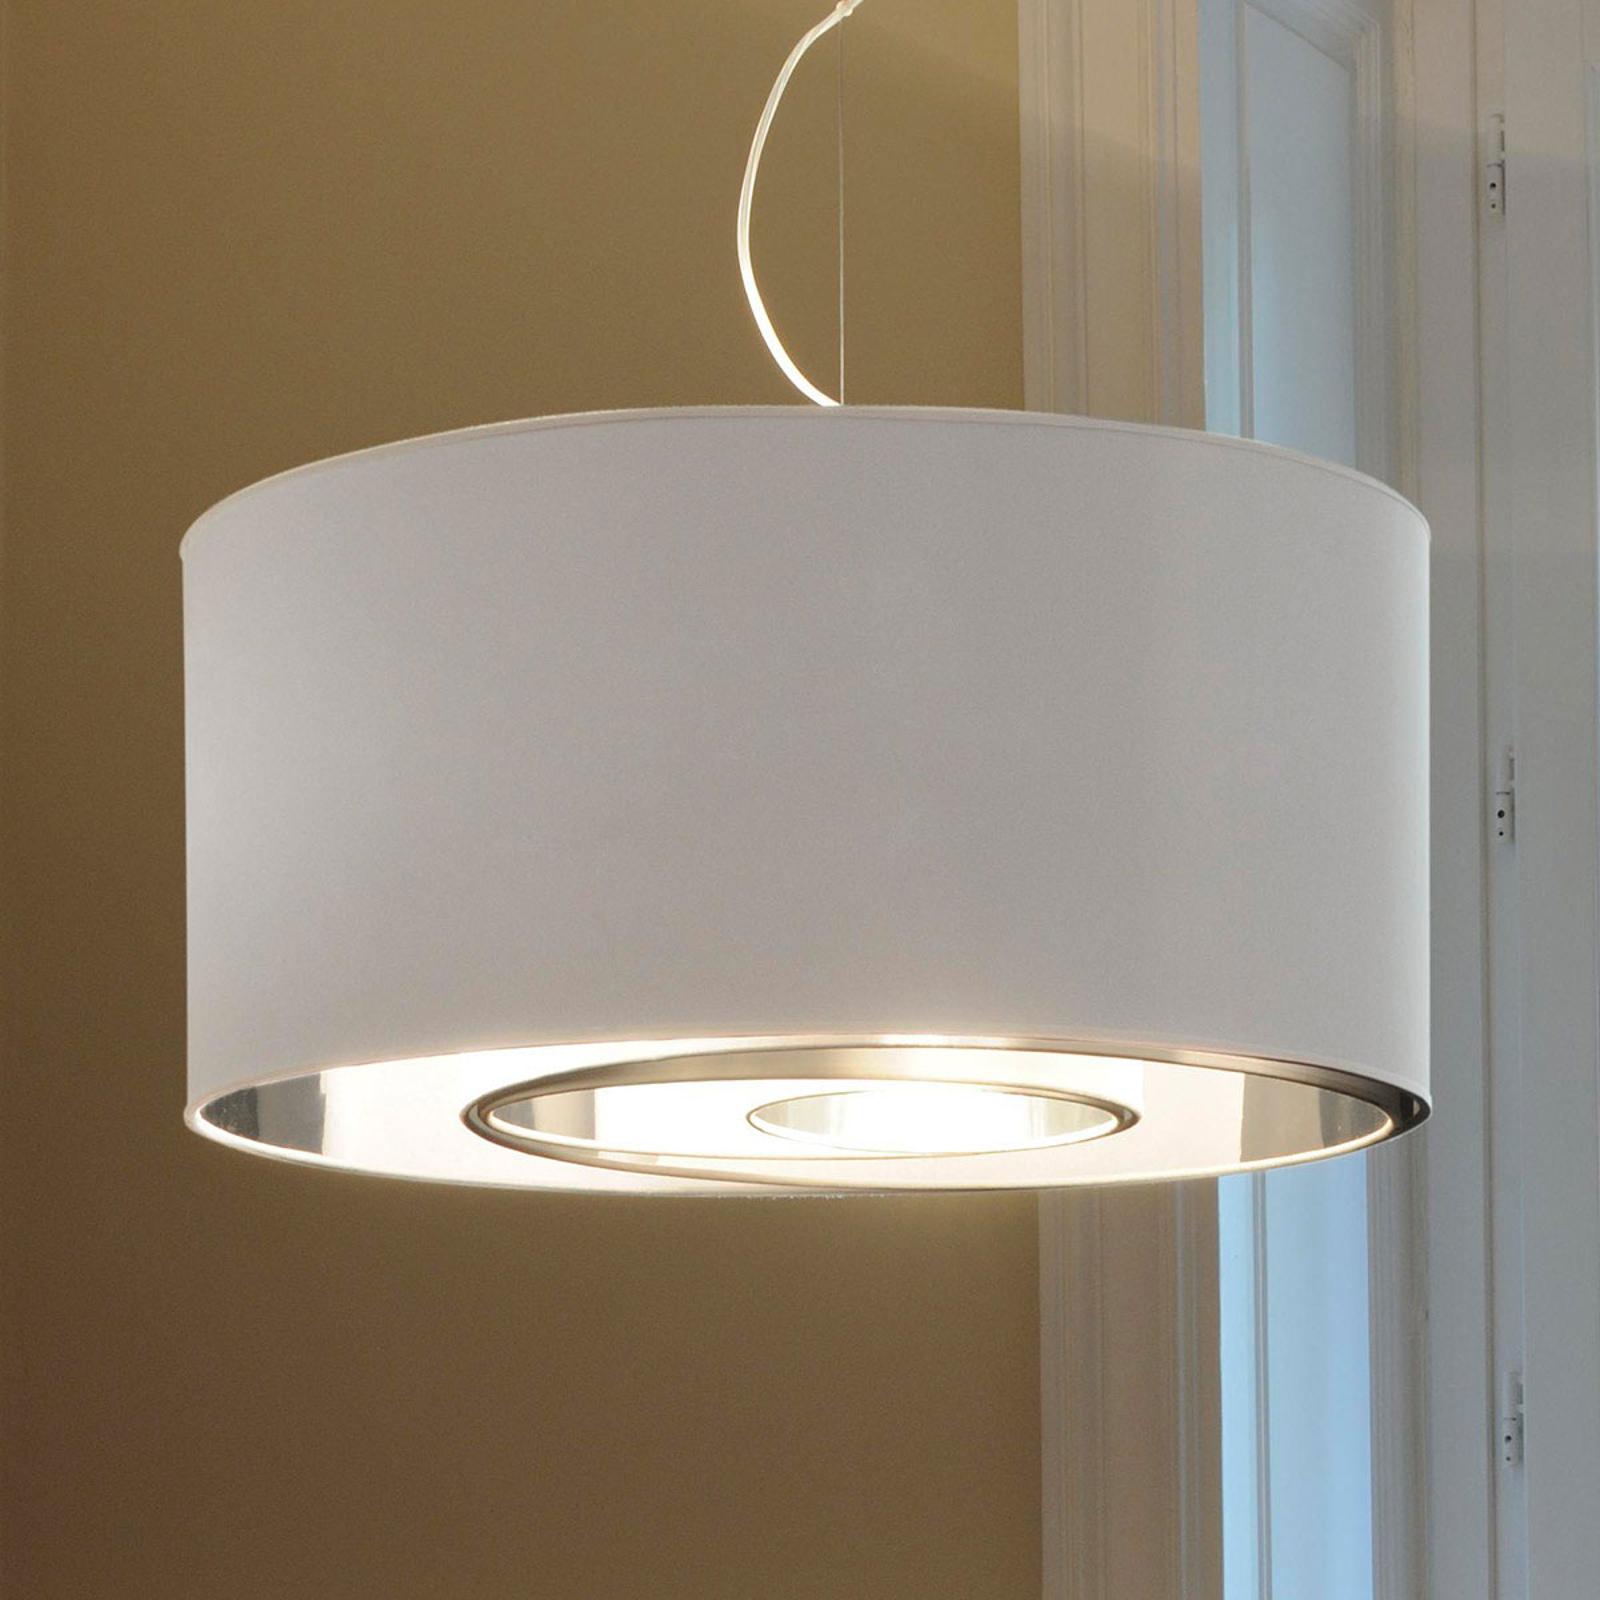 Lampa wisząca CIRCLES, 65 cm, biało-srebrna